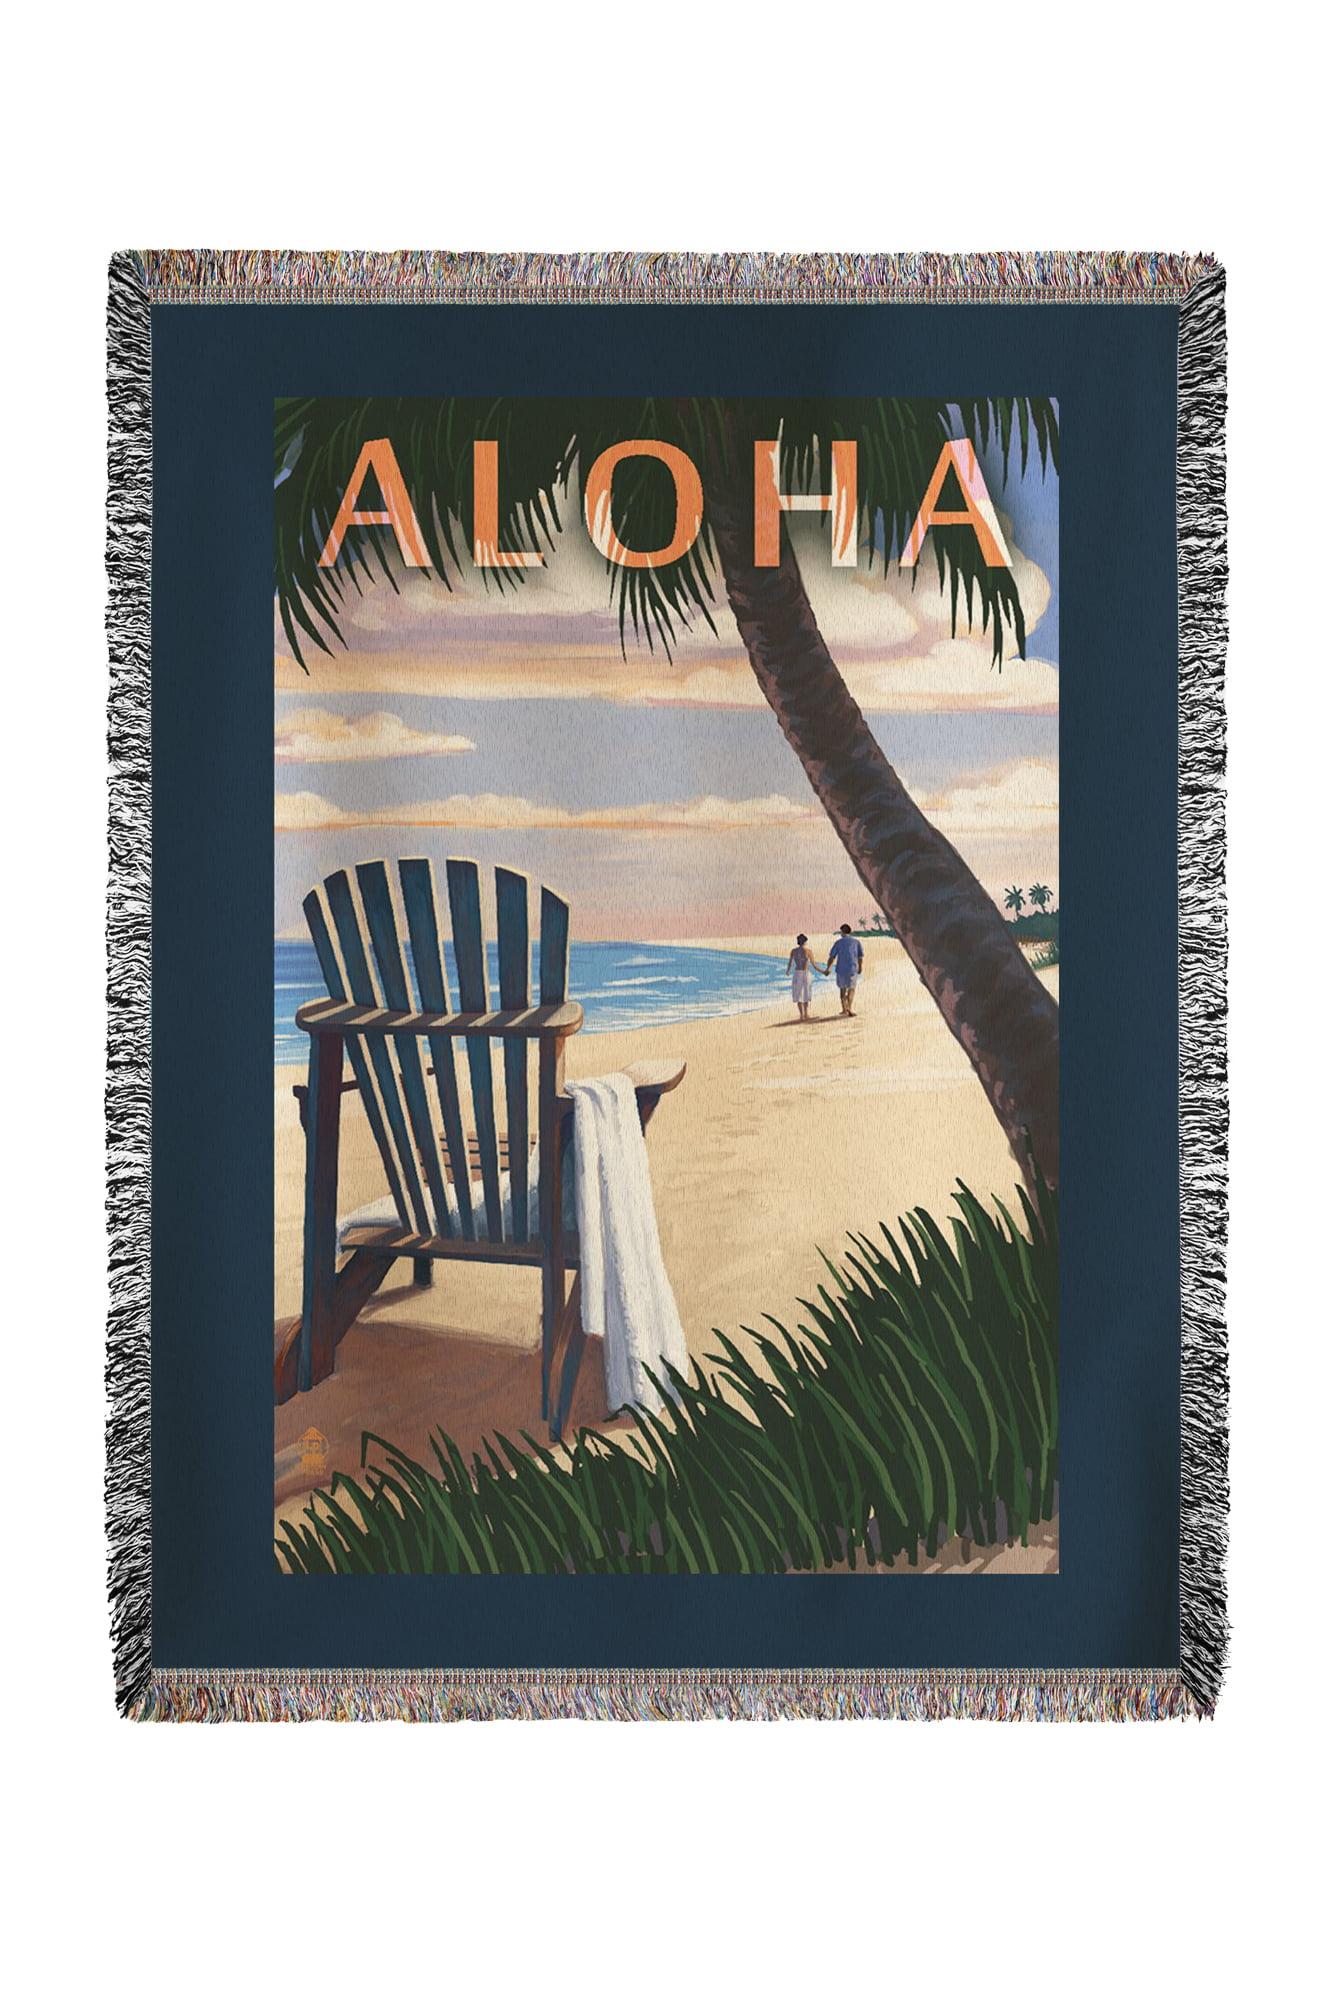 Adirondack Chairs & Sunset Aloha Lantern Press Artwork (60x80 Woven Chenille Yarn Blanket) by Lantern Press